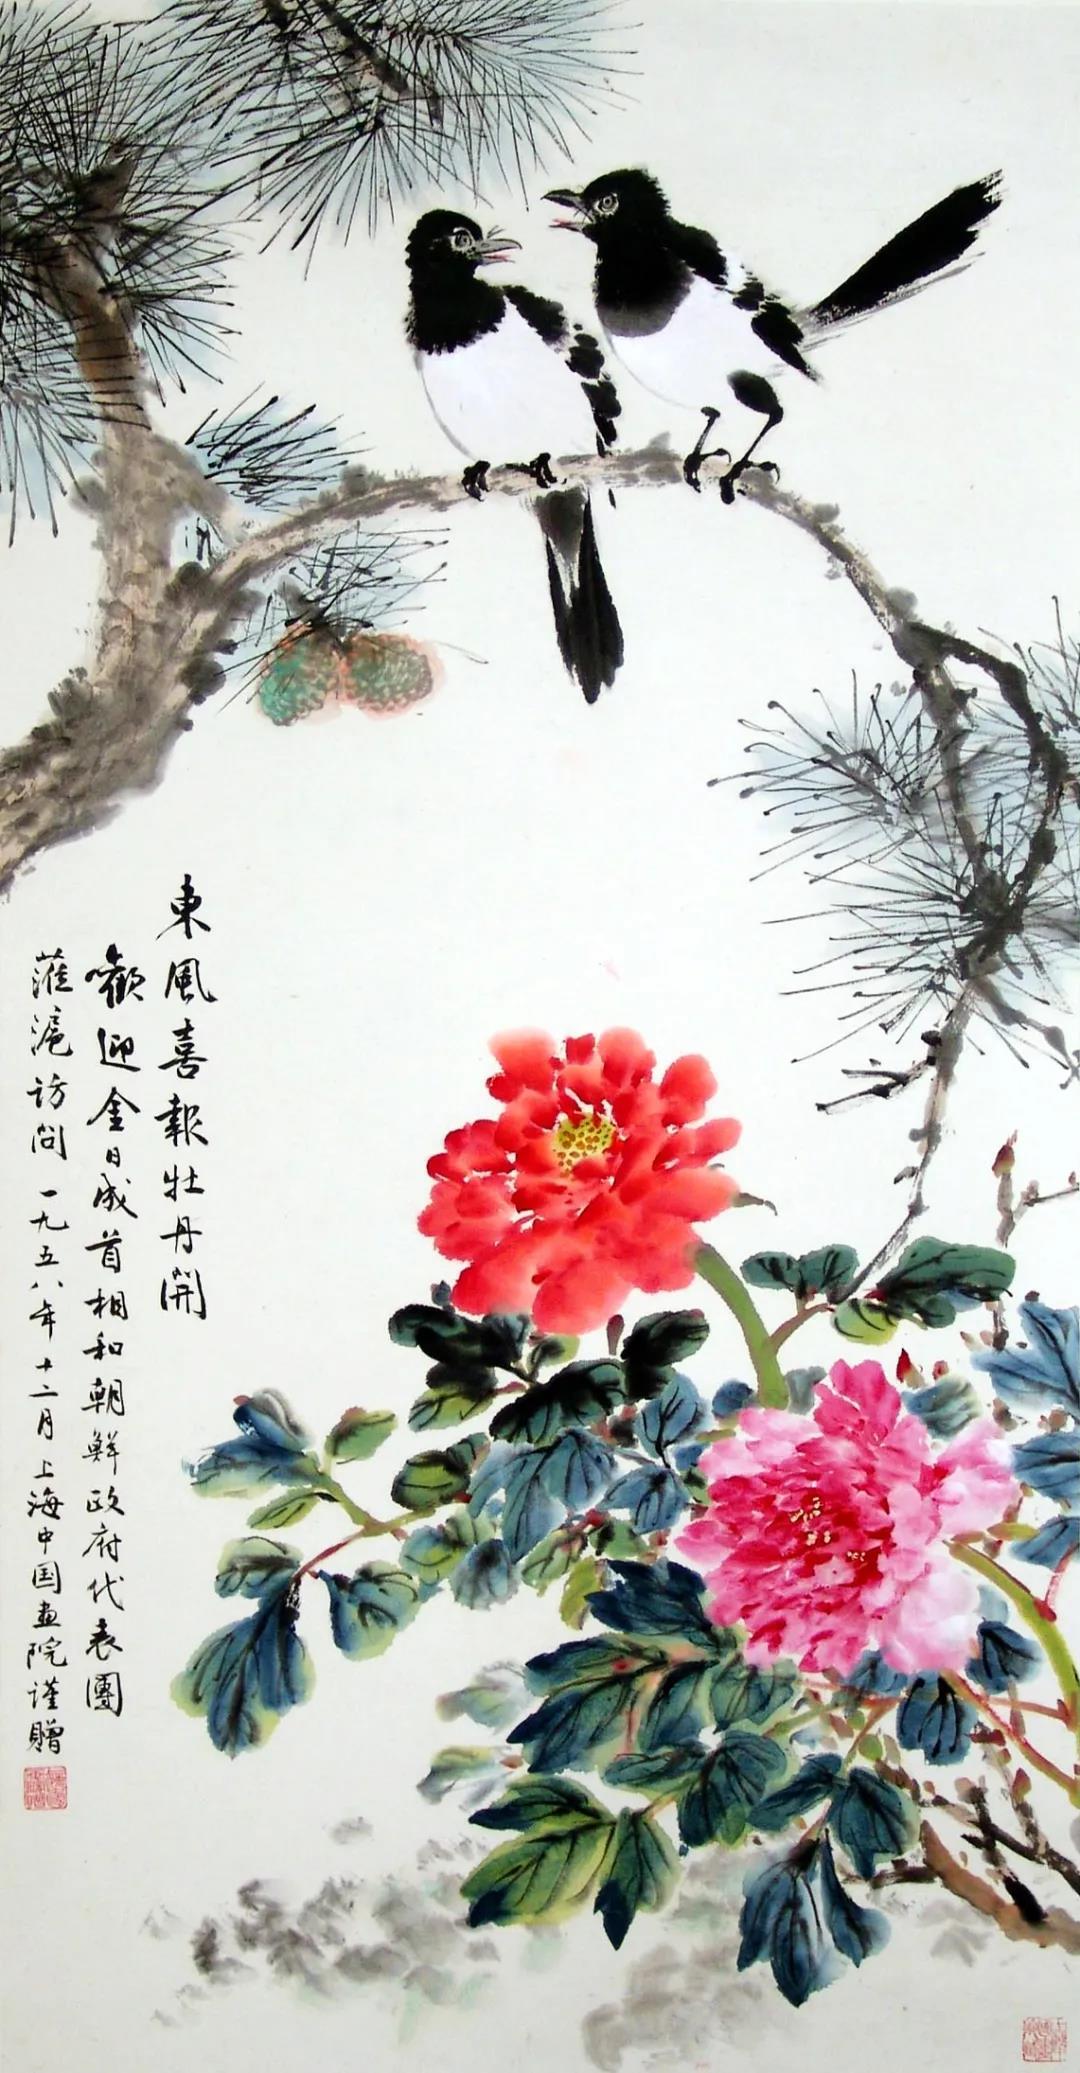 画师集体创作《东风喜报牡丹开》欢迎朝鲜代表团访沪,1958年